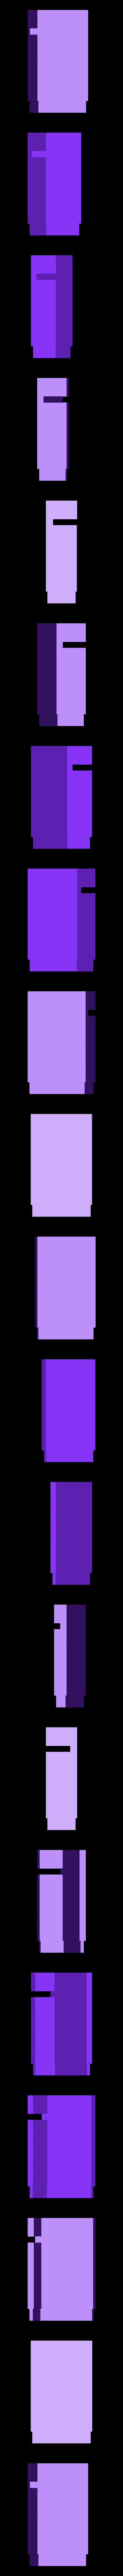 Base extension.stl Download STL file Neo-shelf • 3D print design, Log5